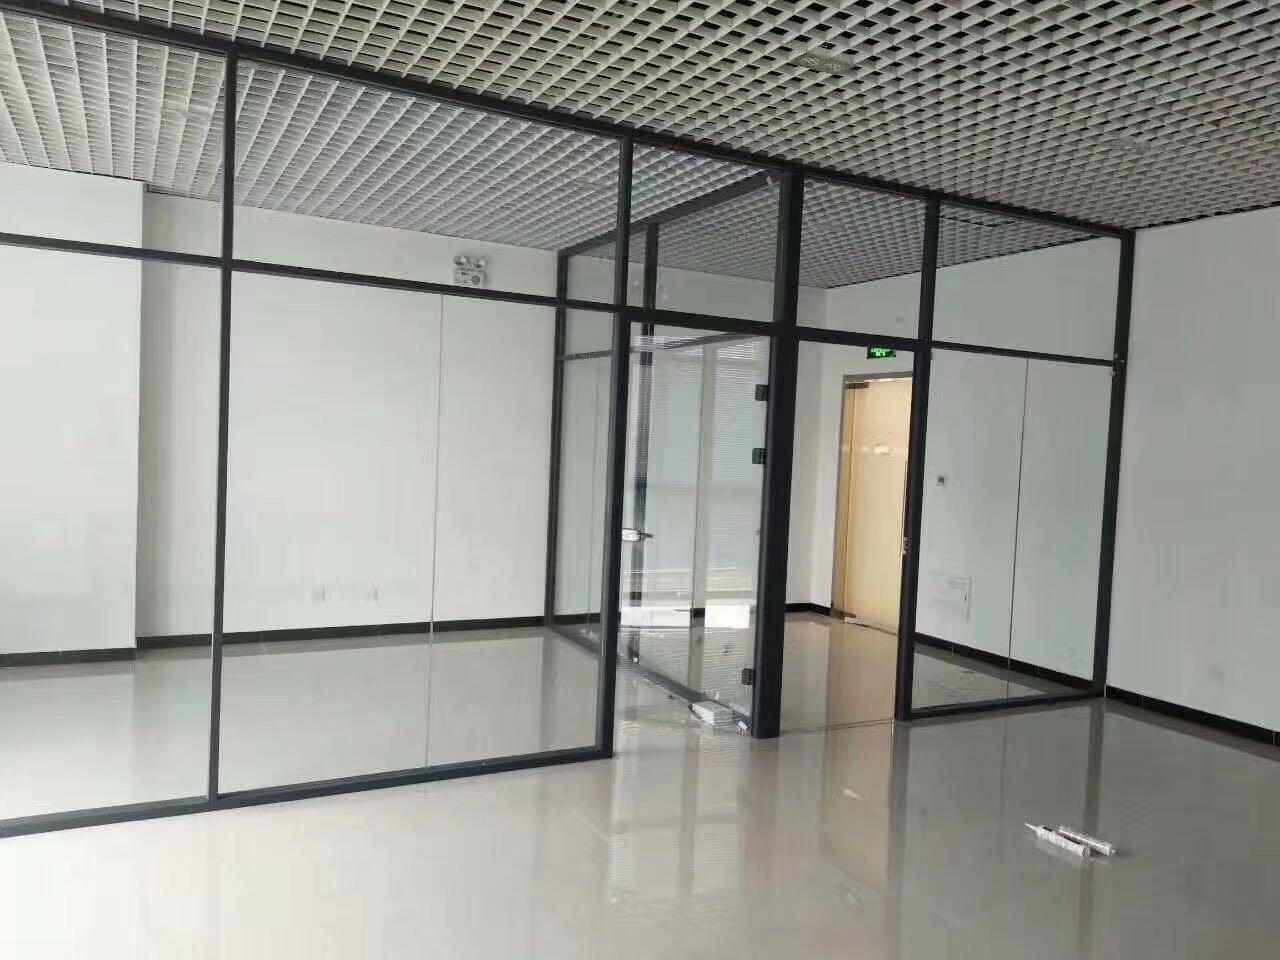 北京单层玻璃隔断哪家好  北京单层玻璃隔断厂家直销 北京单层玻璃隔断